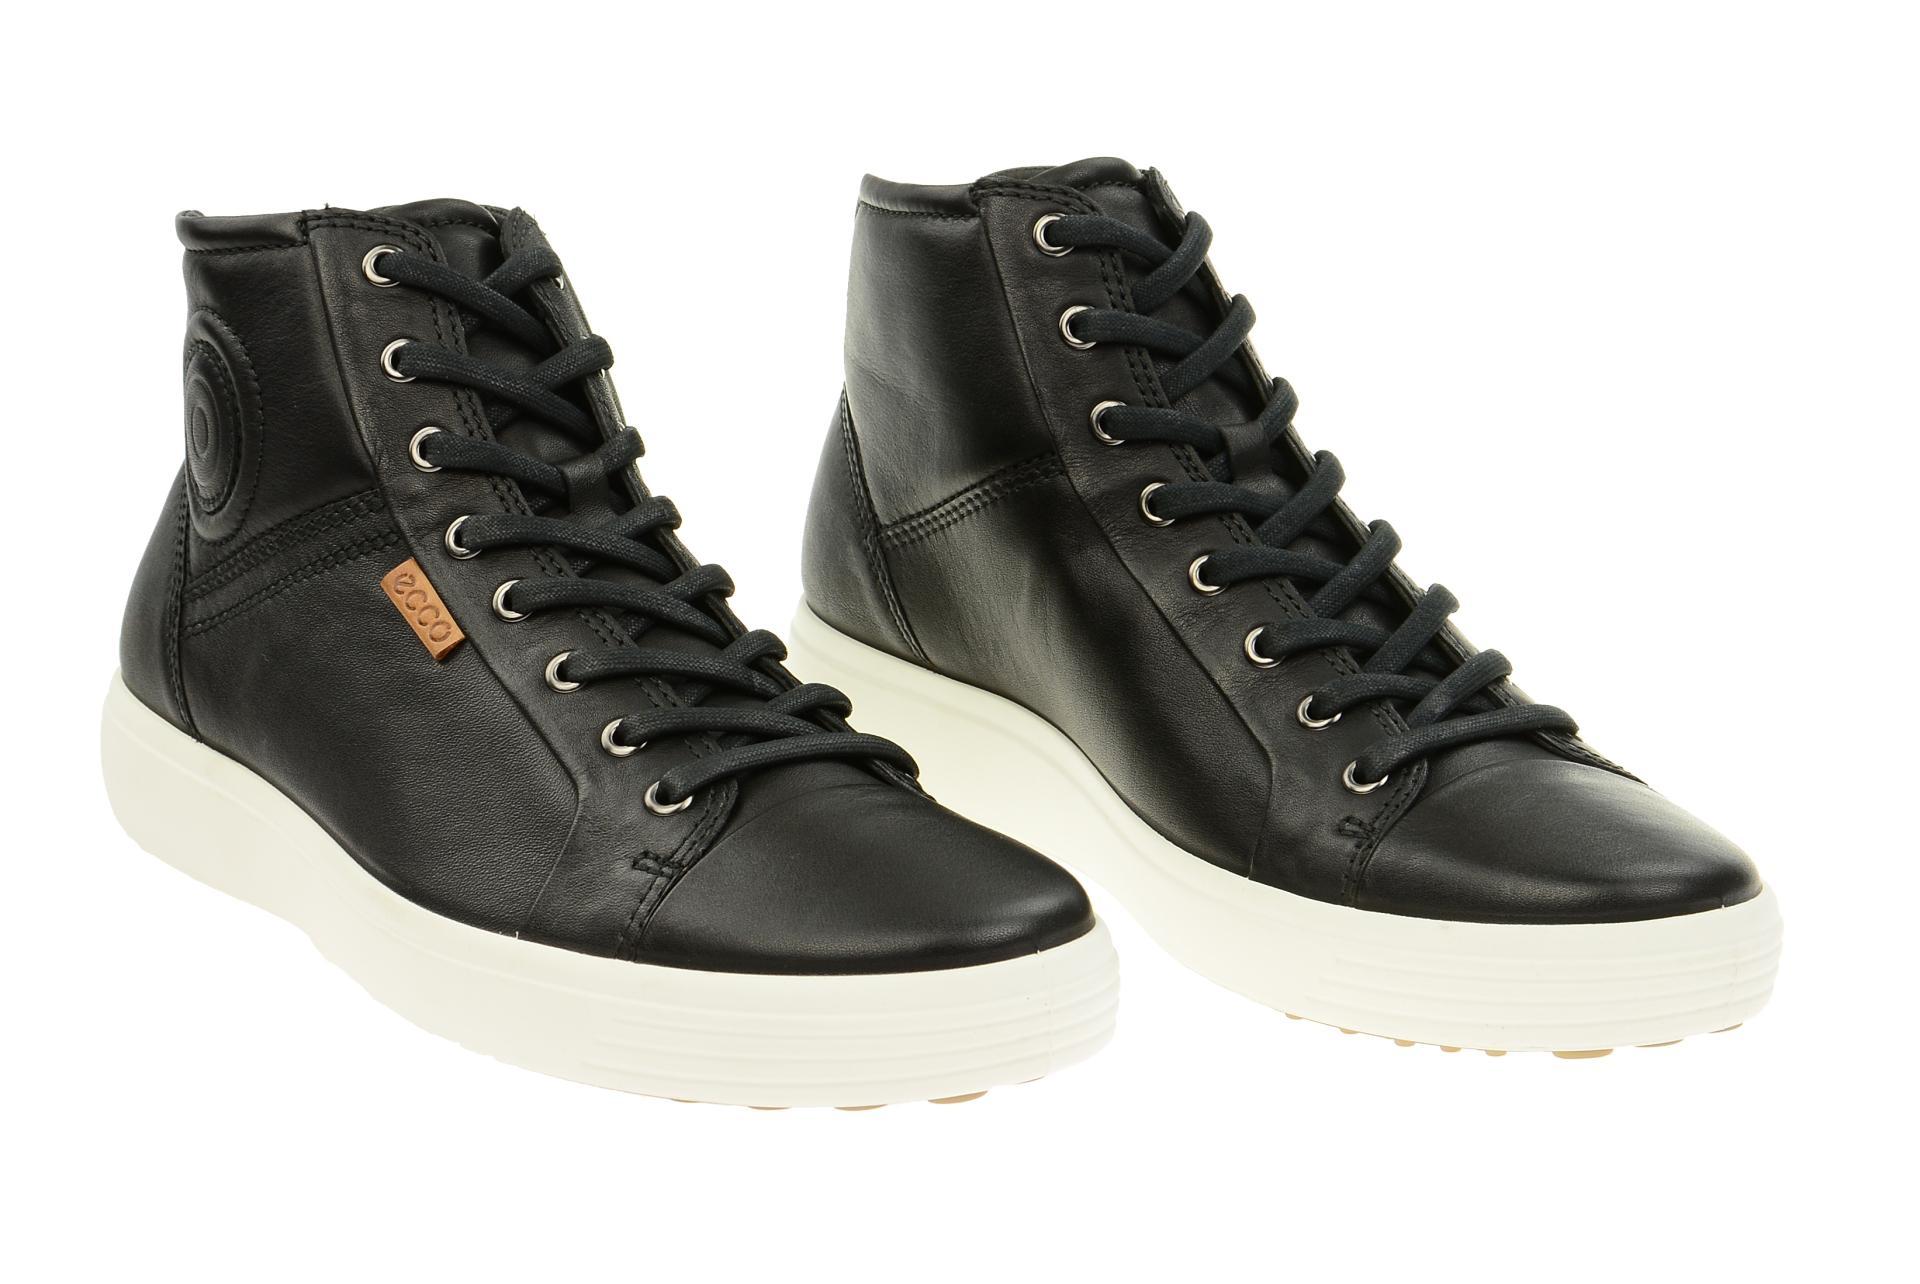 d0ebaf964fe0d6 Ecco Schuhe SOFT 7 LADIES schwarz Damen Stiefeletten 43002301001 NEU ...